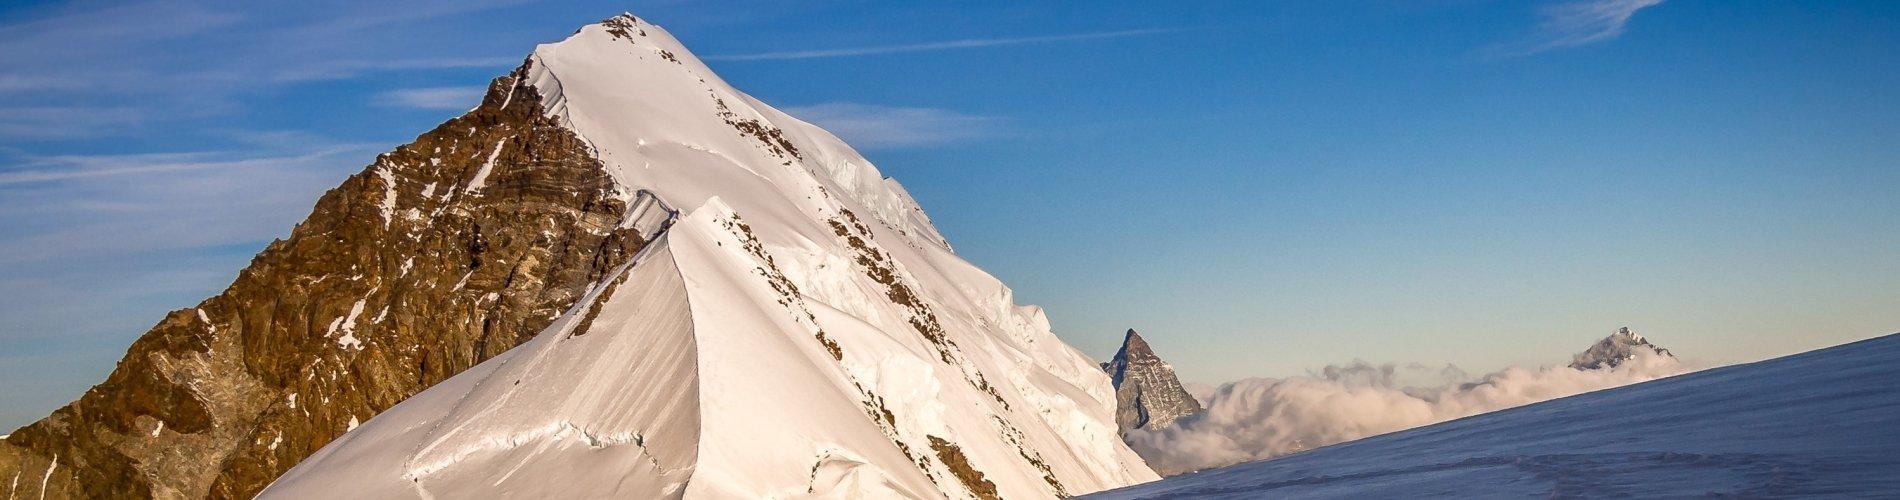 Parete Nord del Lyskamm e Monte Cervino dal Colle del Lys